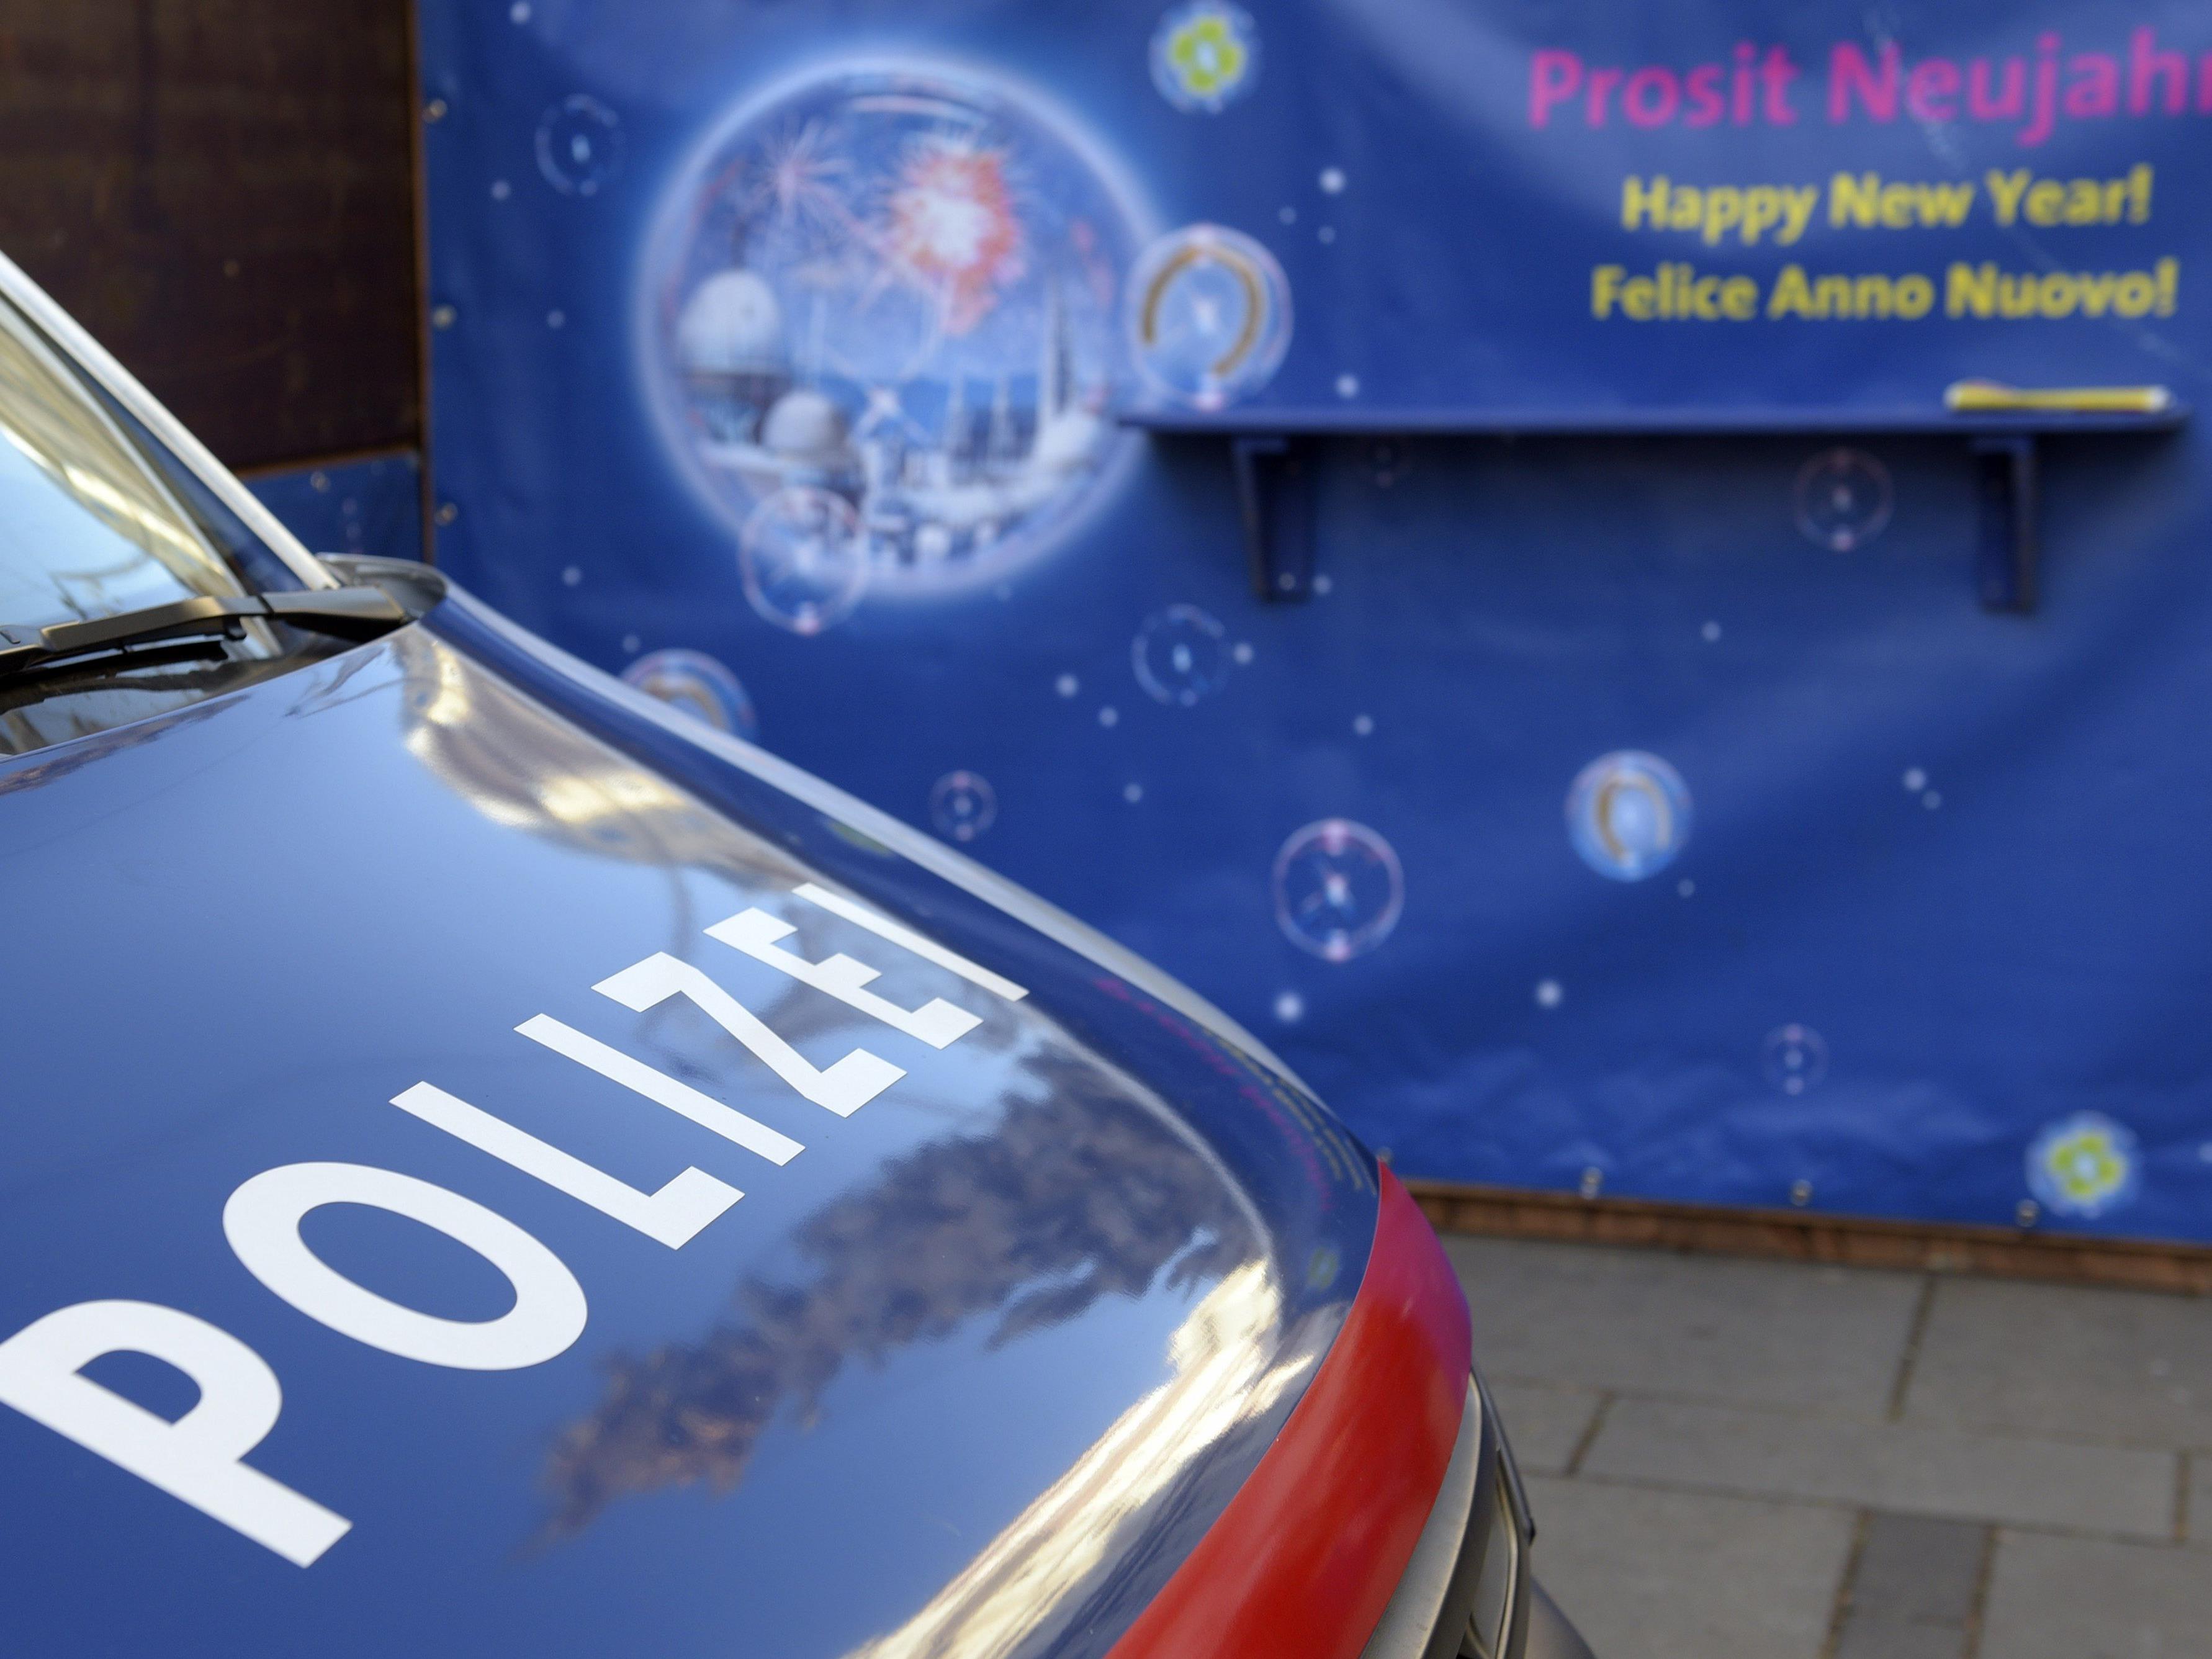 Die Wiener Polizei weist auf das Feuerwerksverbot hin und gibt Verhaltenstipps.